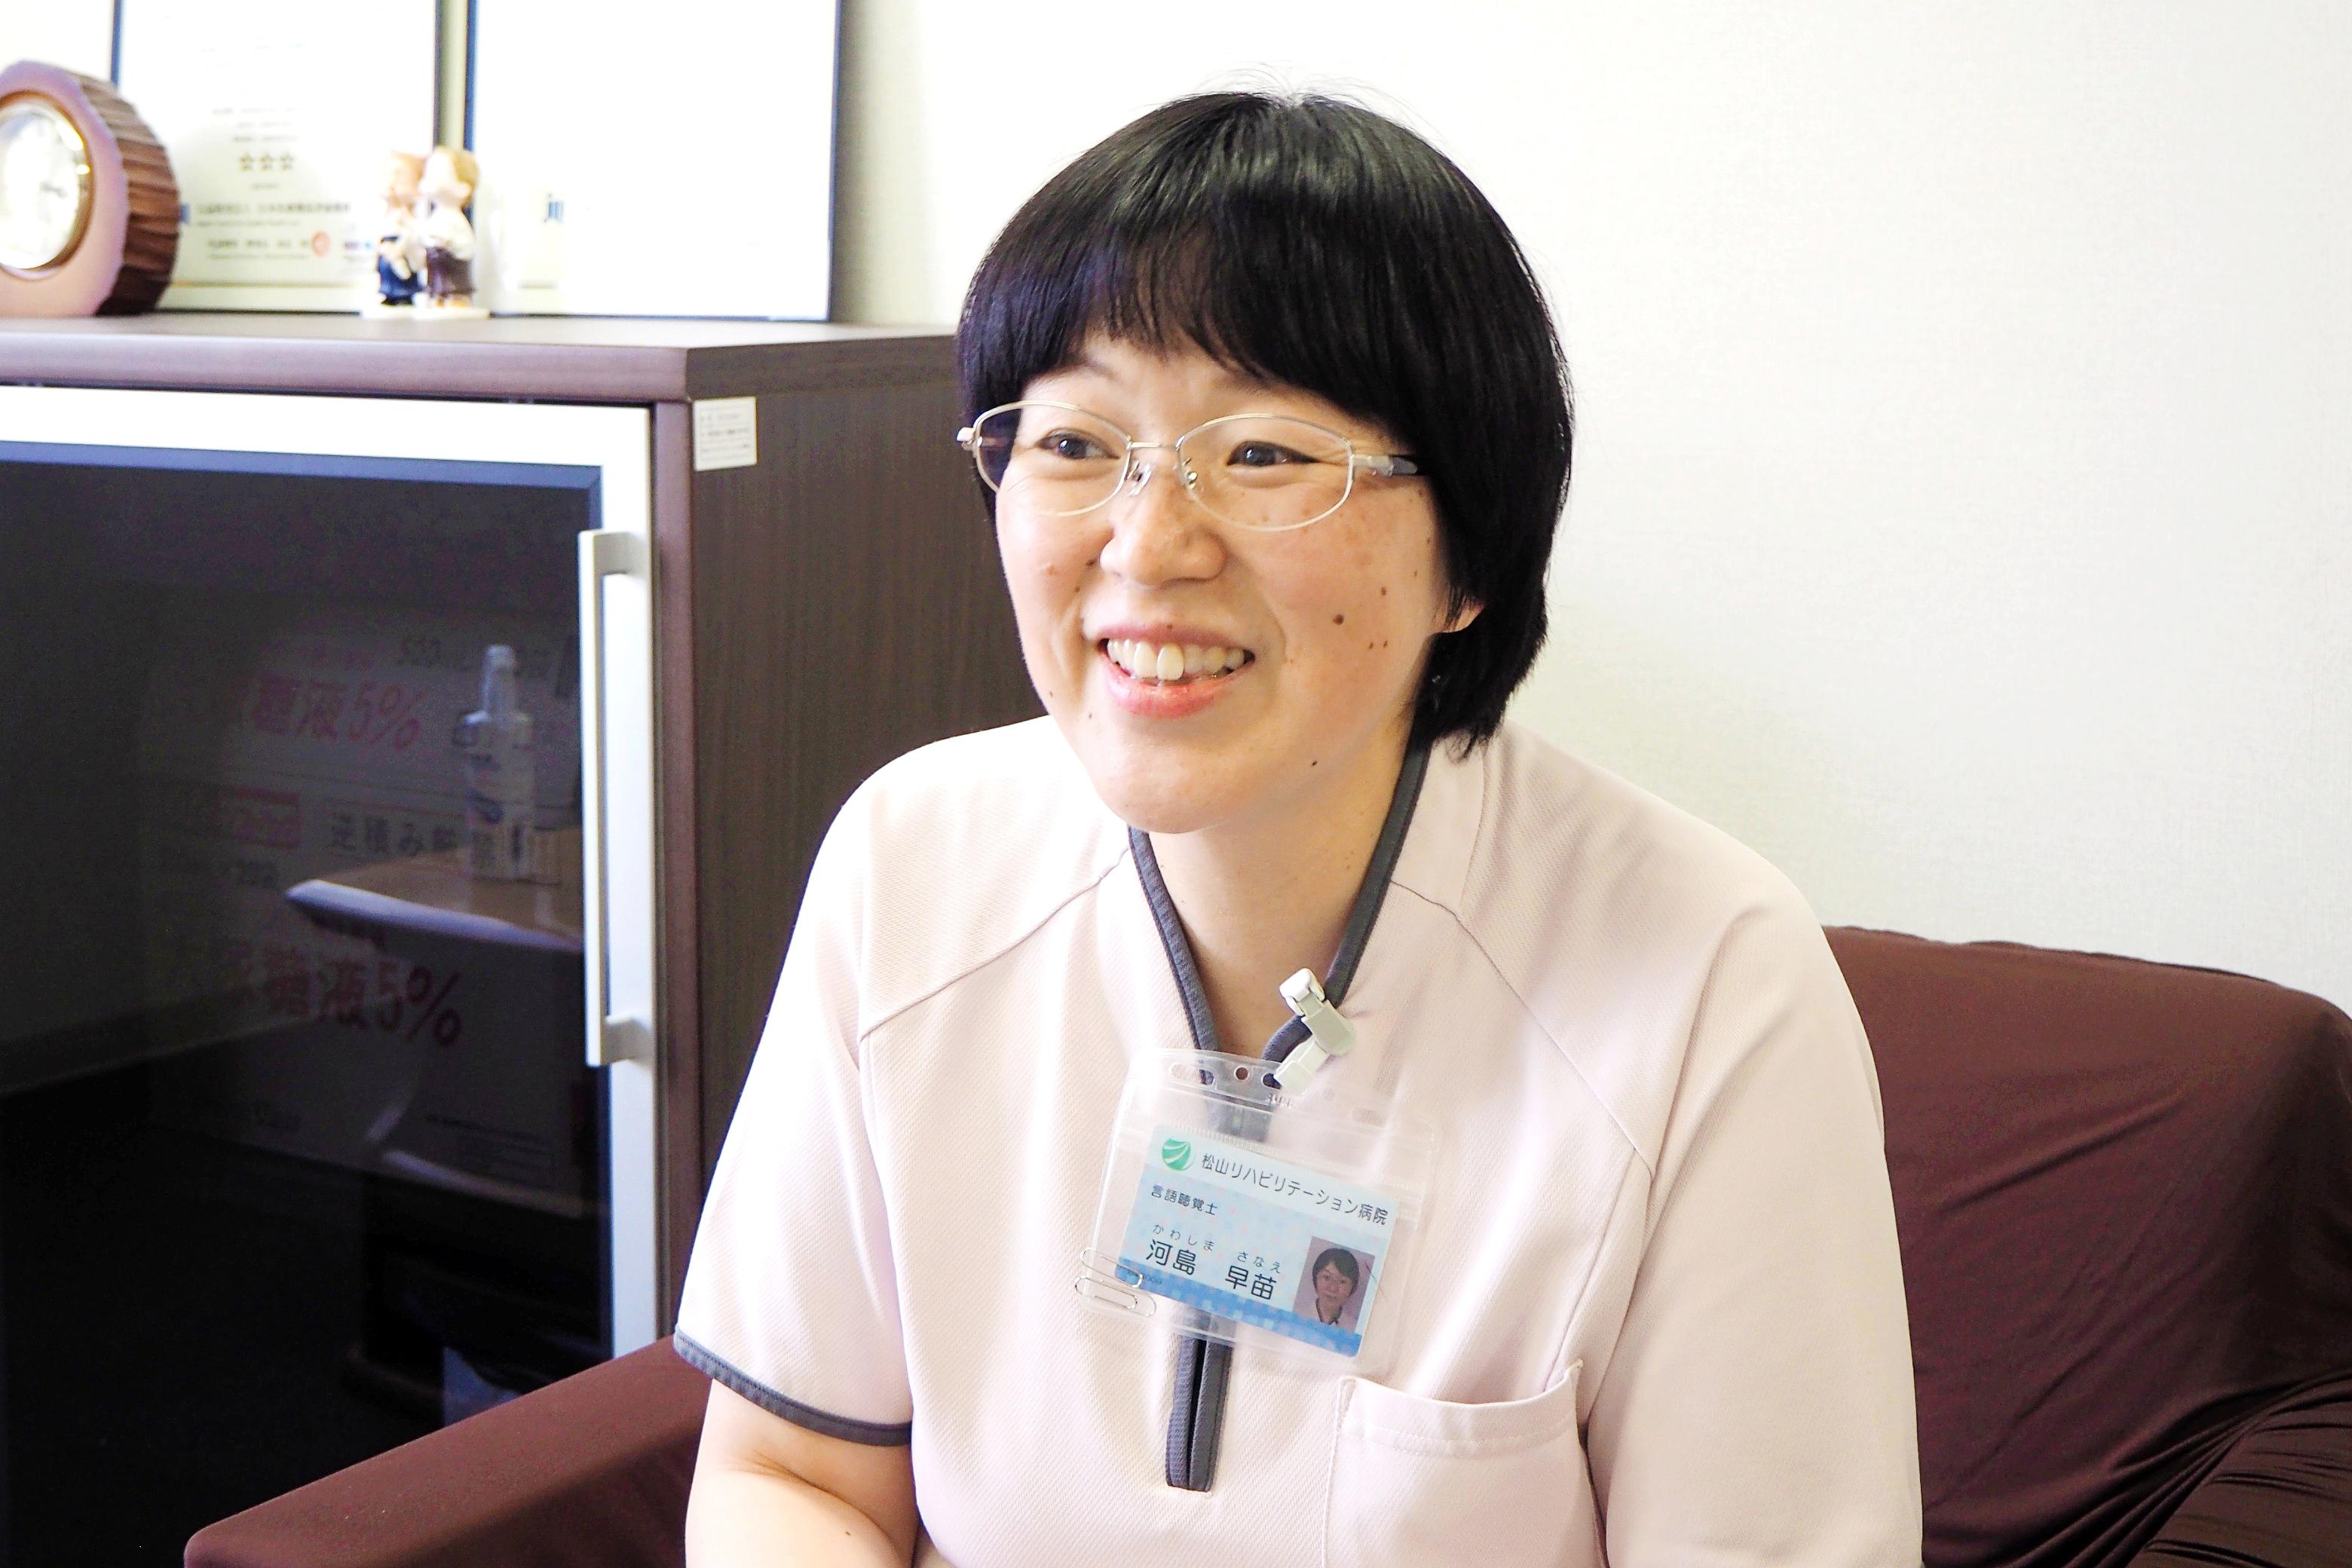 言語聴覚士として、管理者として、チャレンジの気持ちを忘れない――河島 早苗さんの思い